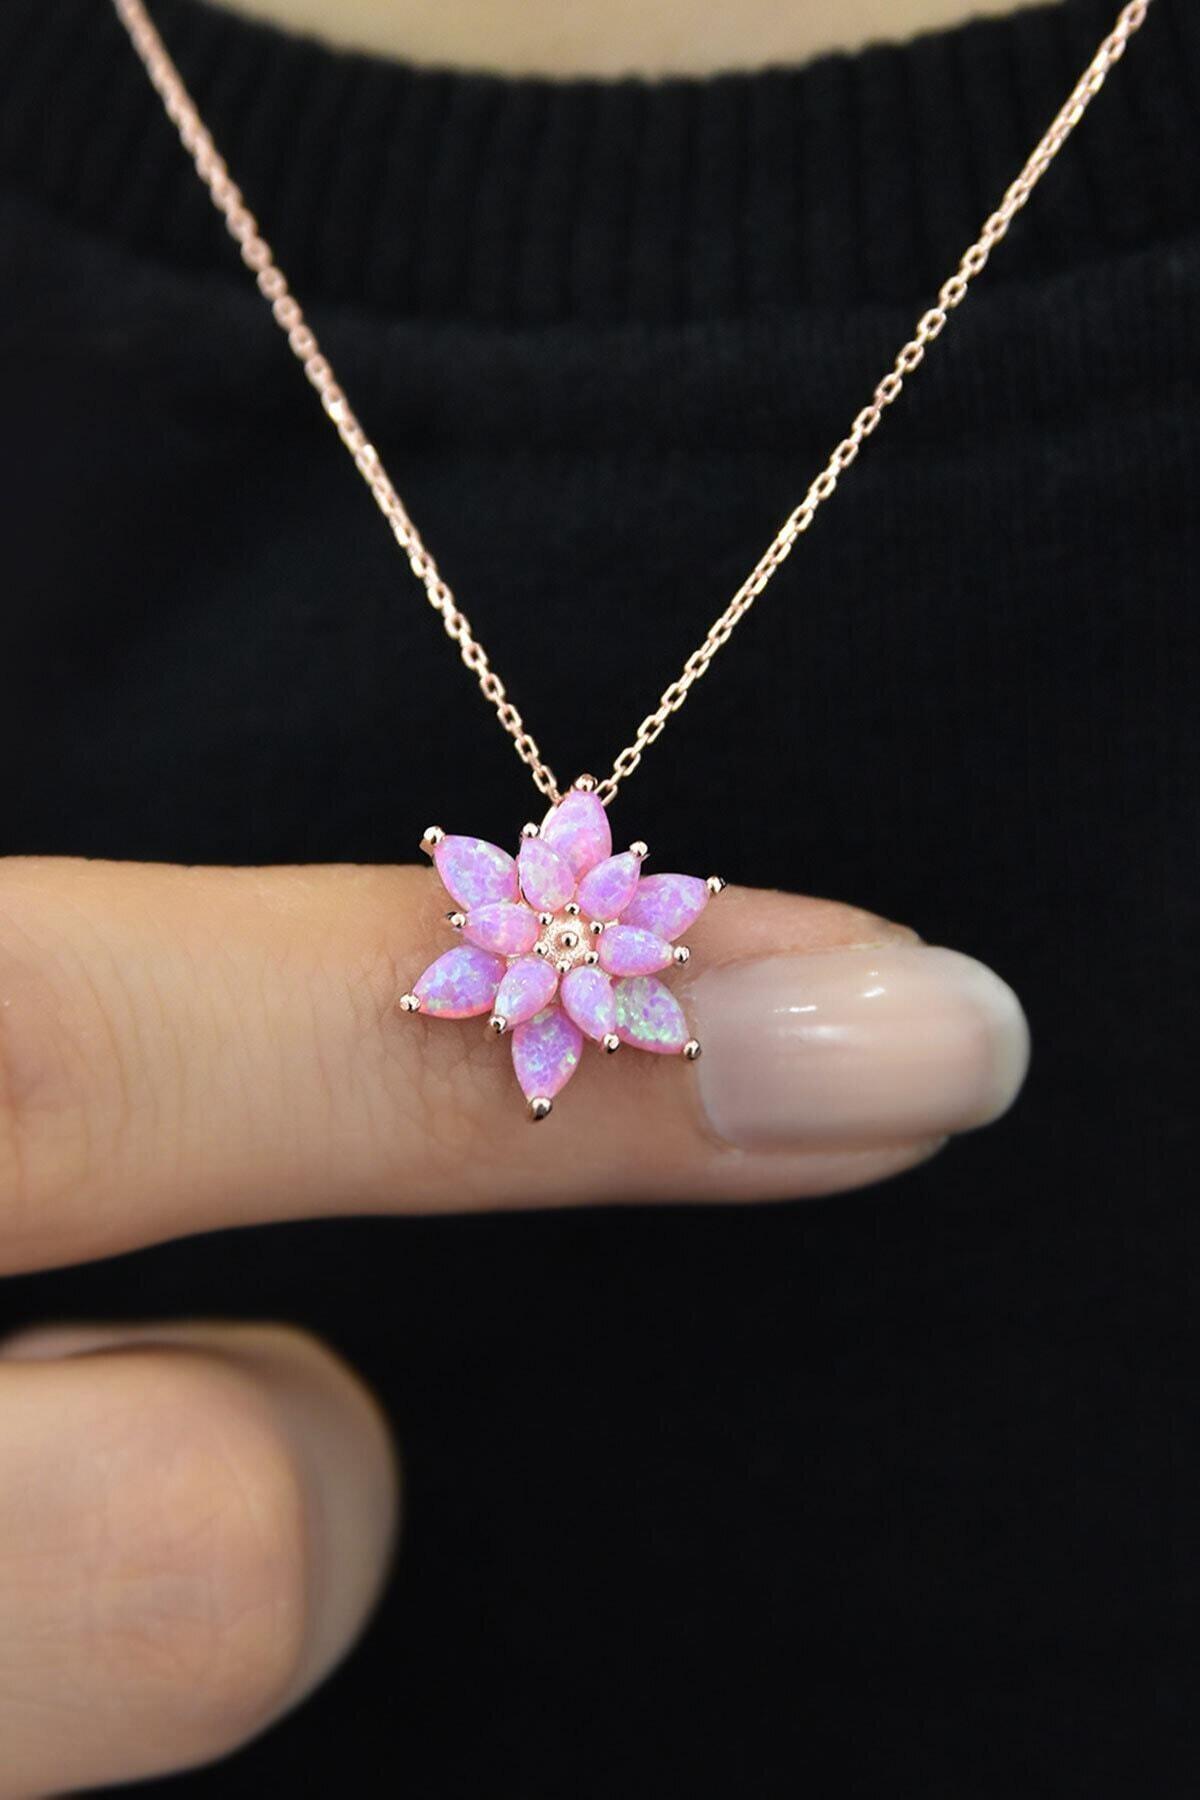 Papatya Silver 925 Ayar Gümüş Pembe Doğal Opal Taşlı Lotus Kolye 2